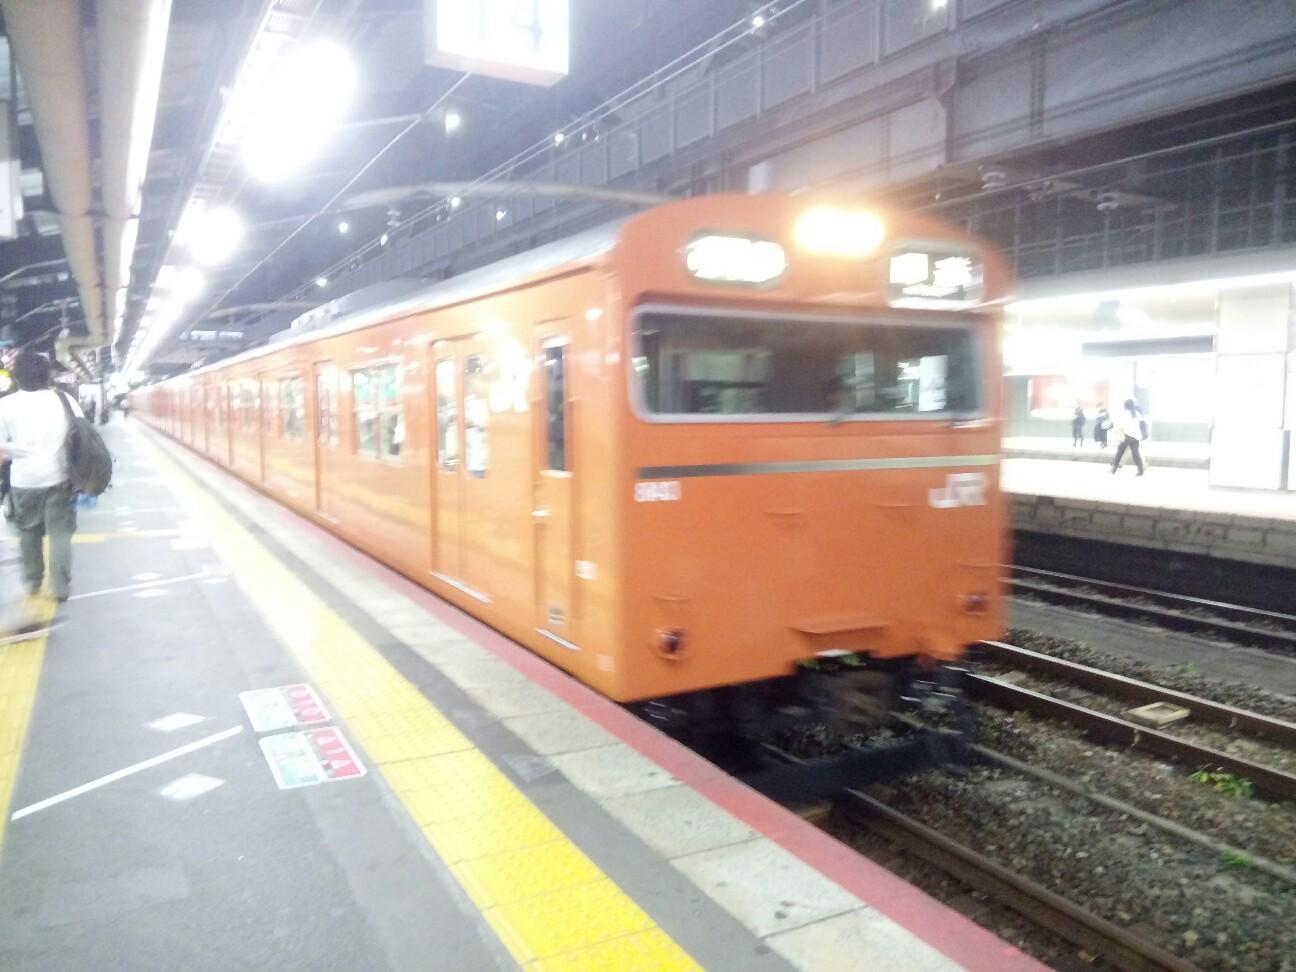 f:id:Osakaloopline:20170930233517j:image